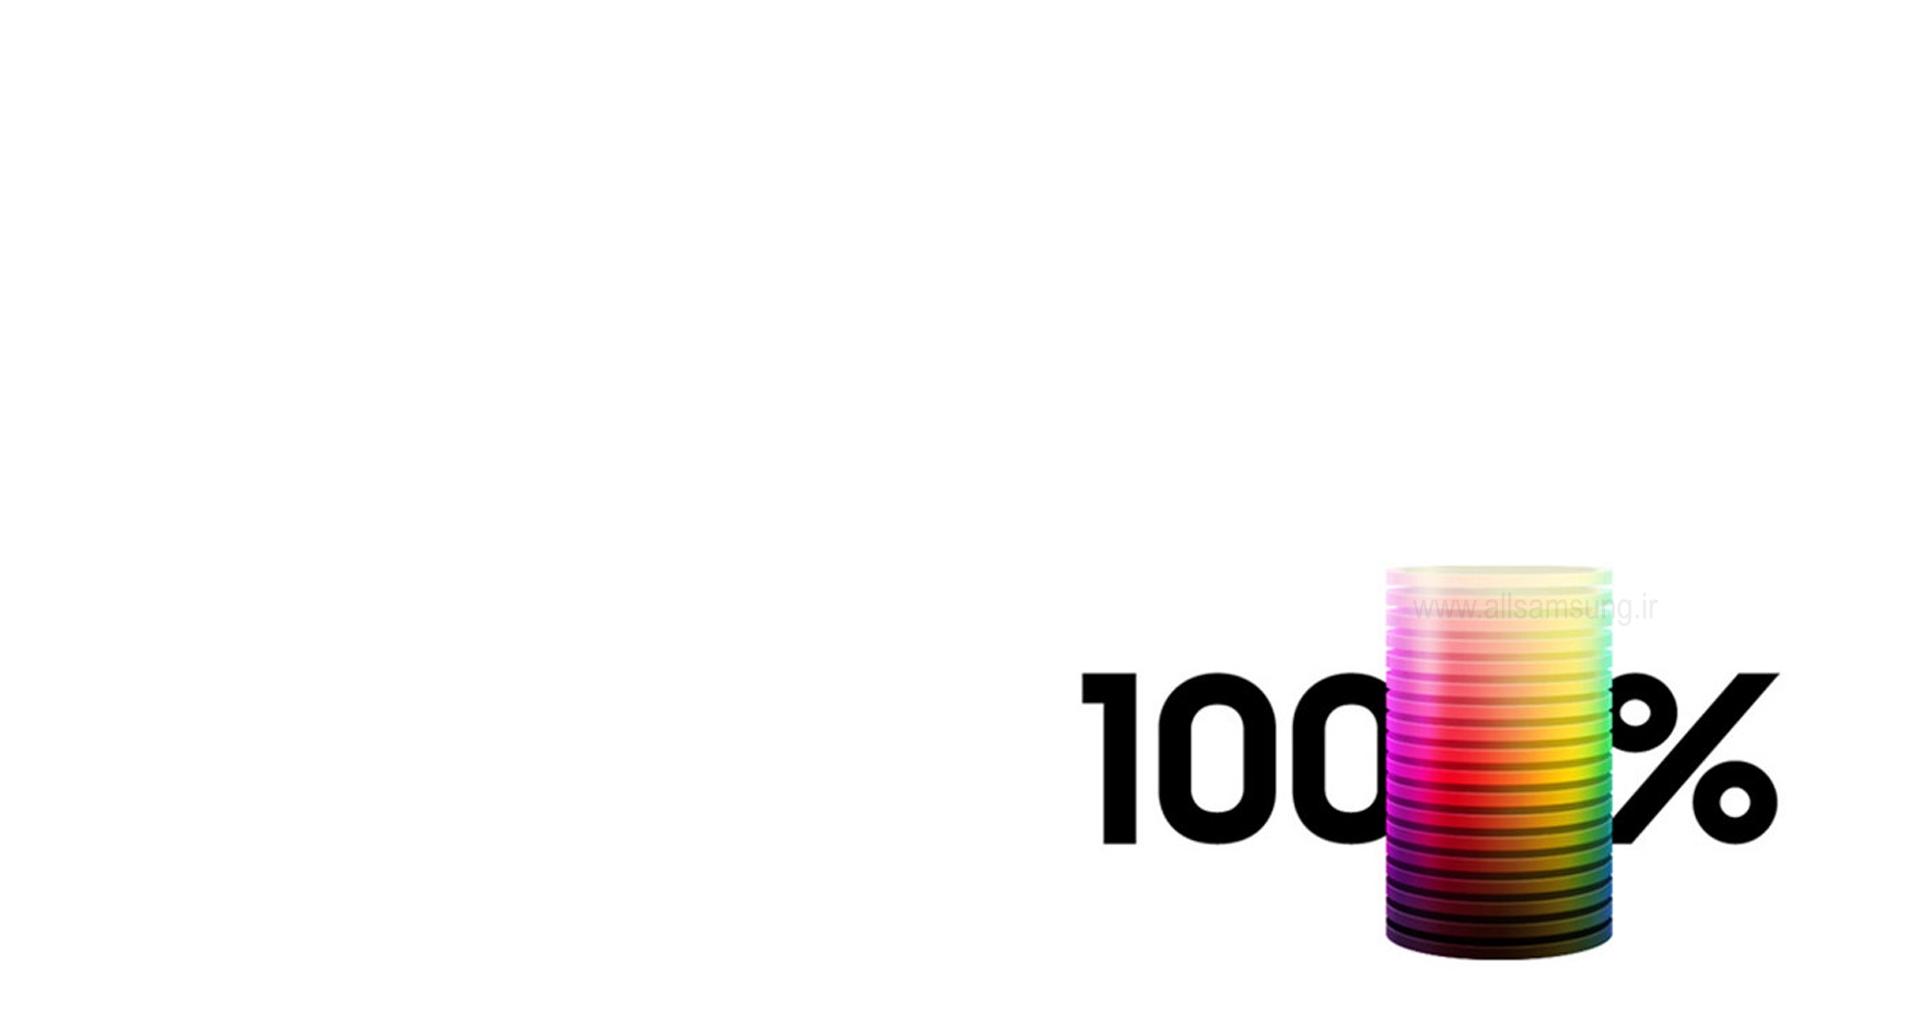 حجم رنگی 100 درصد تلویزیون Q900R